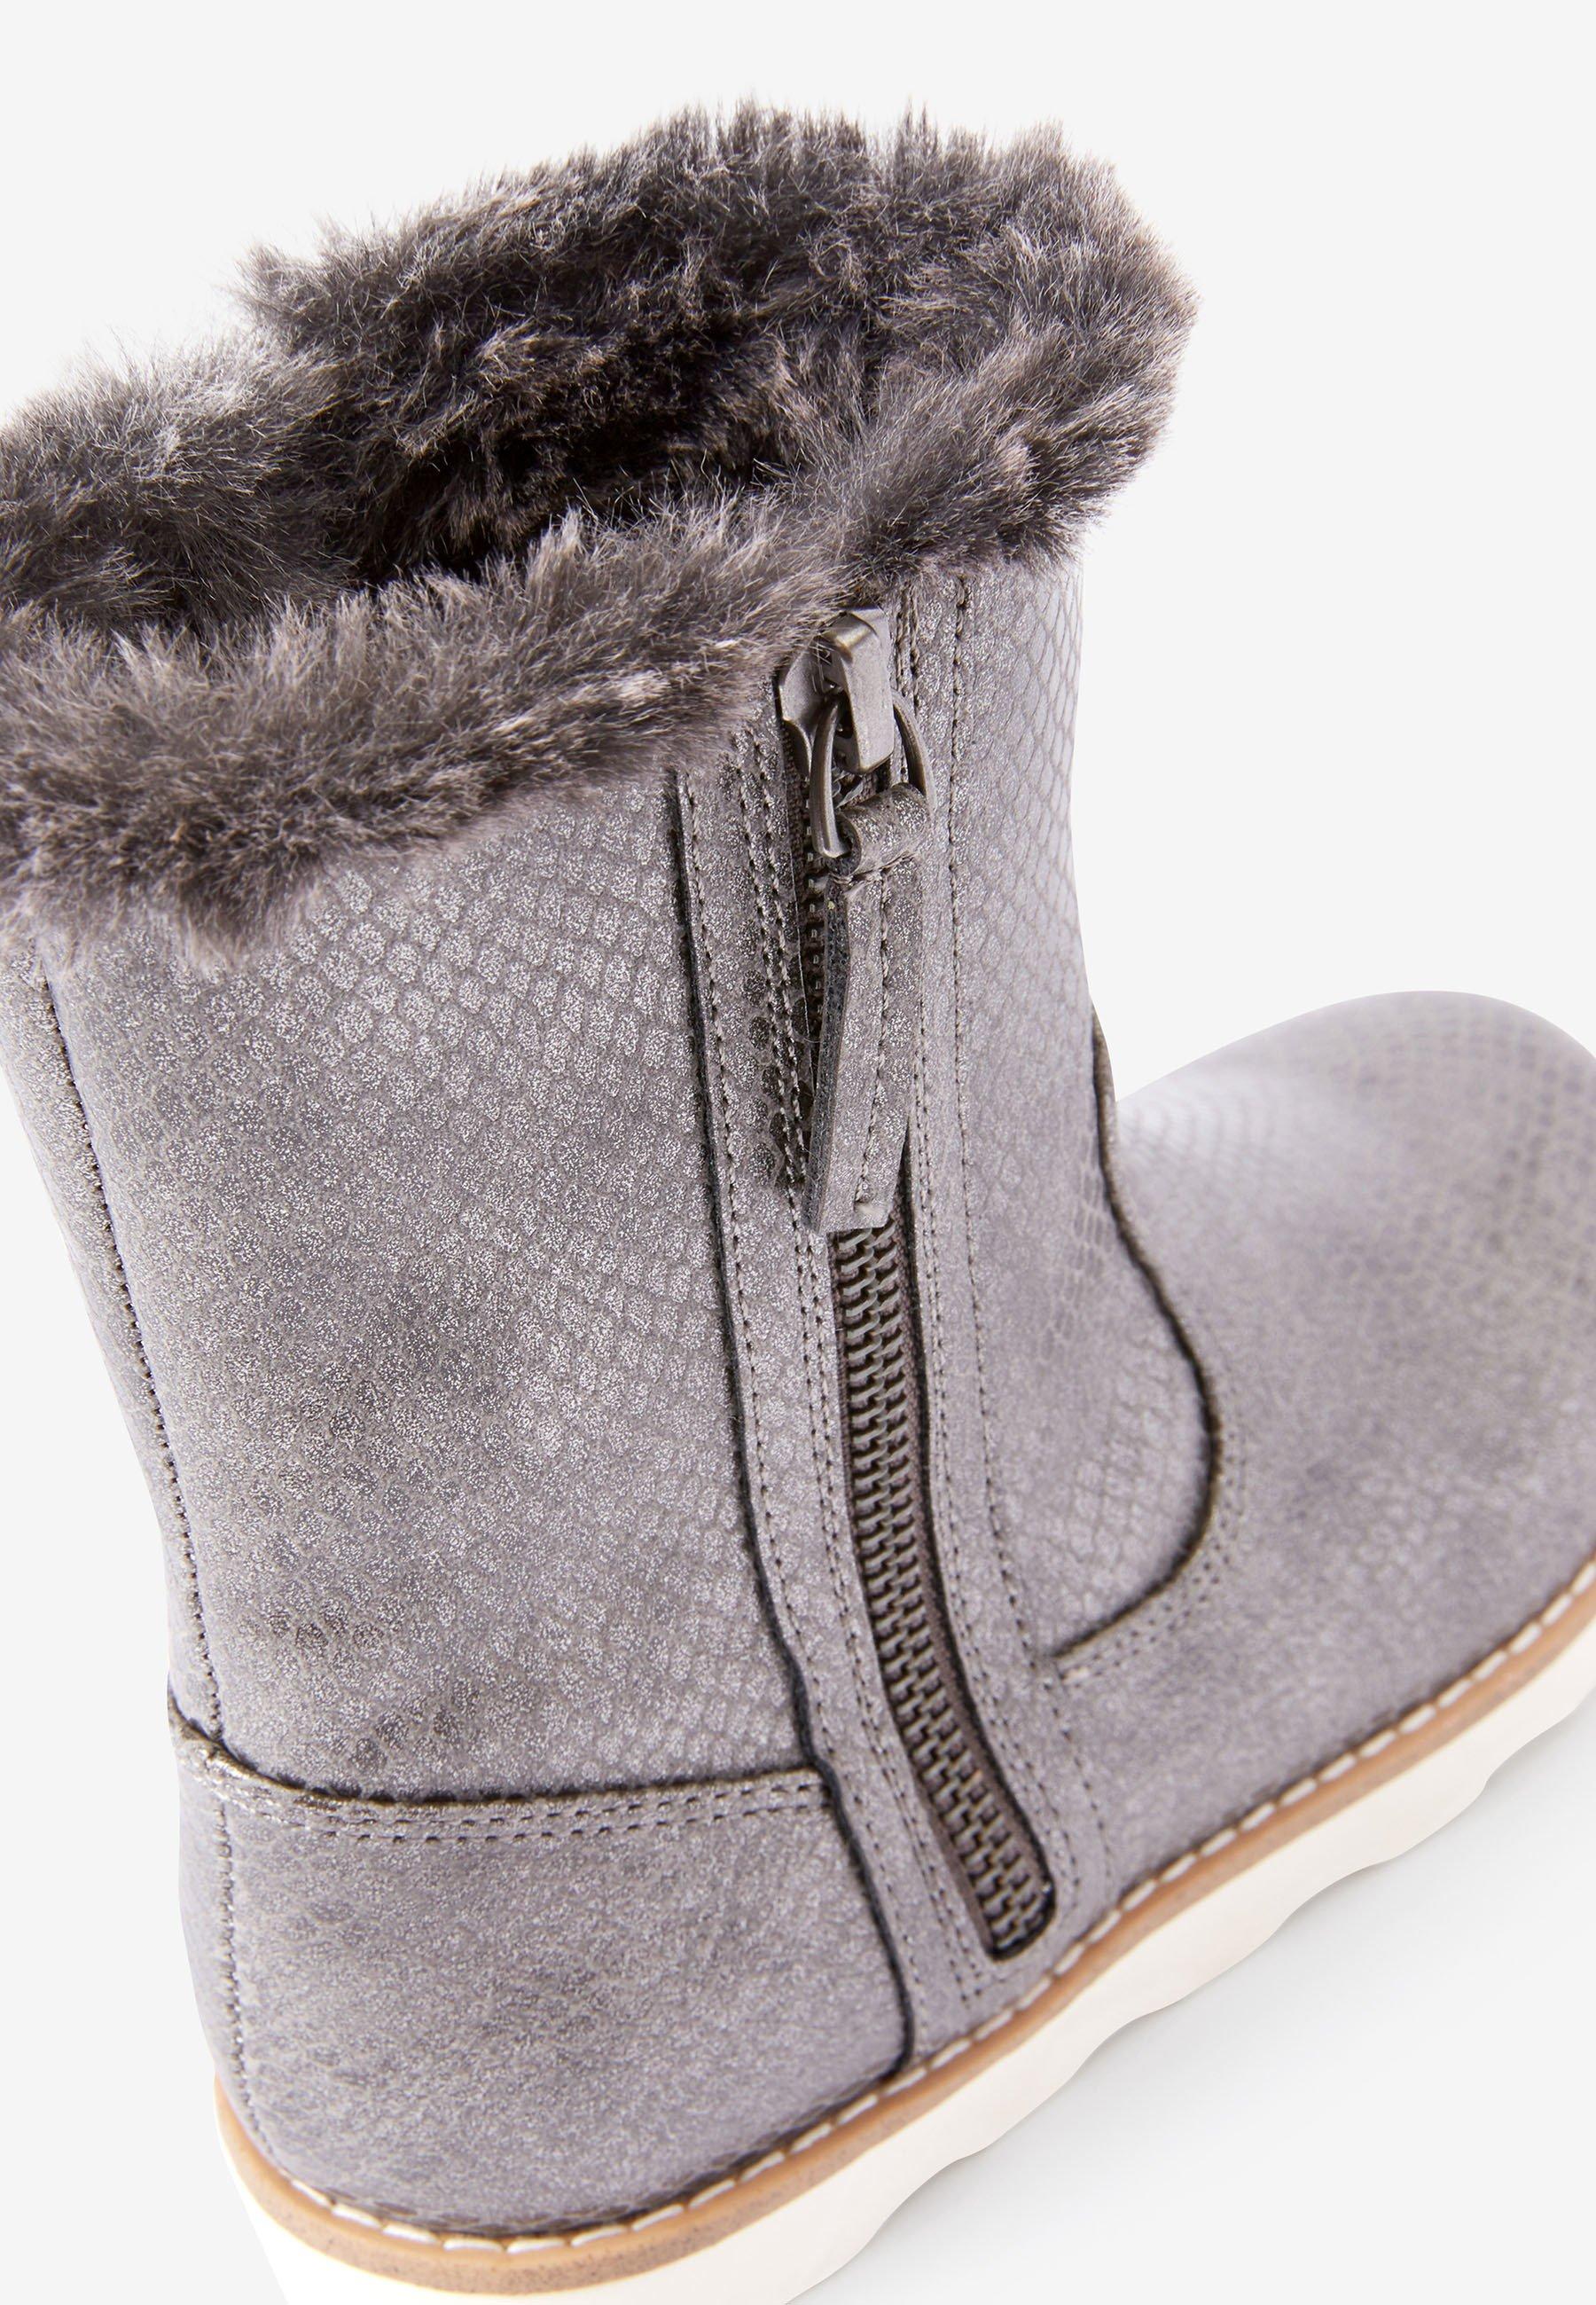 Tania cena Najlepsza cena Next Śniegowce - metallic grey | Dzieci Obuwie 2020 h2k2w